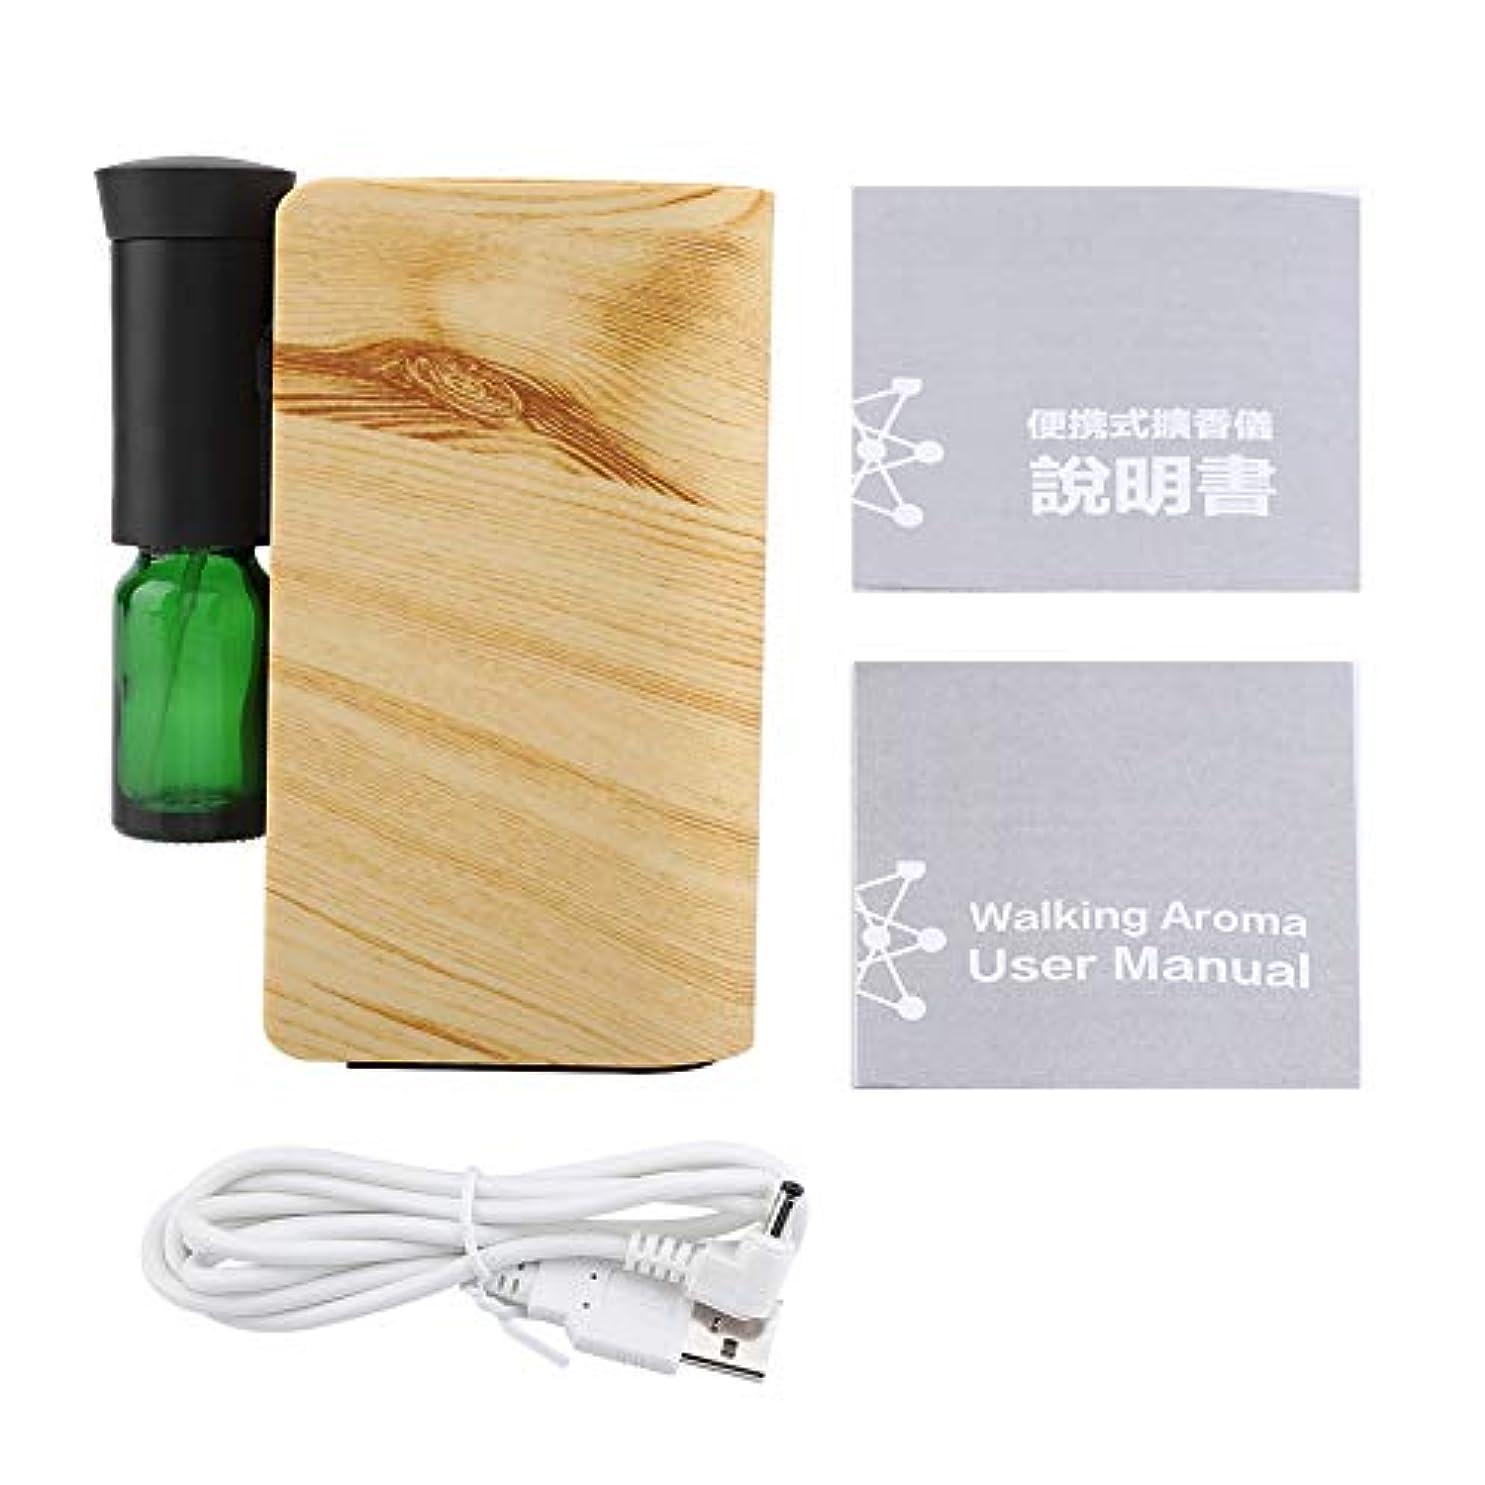 シャイリレー誰の精油の拡散器、100ML USBの再充電可能な精油機械香りの拡散器の総本店(木材)